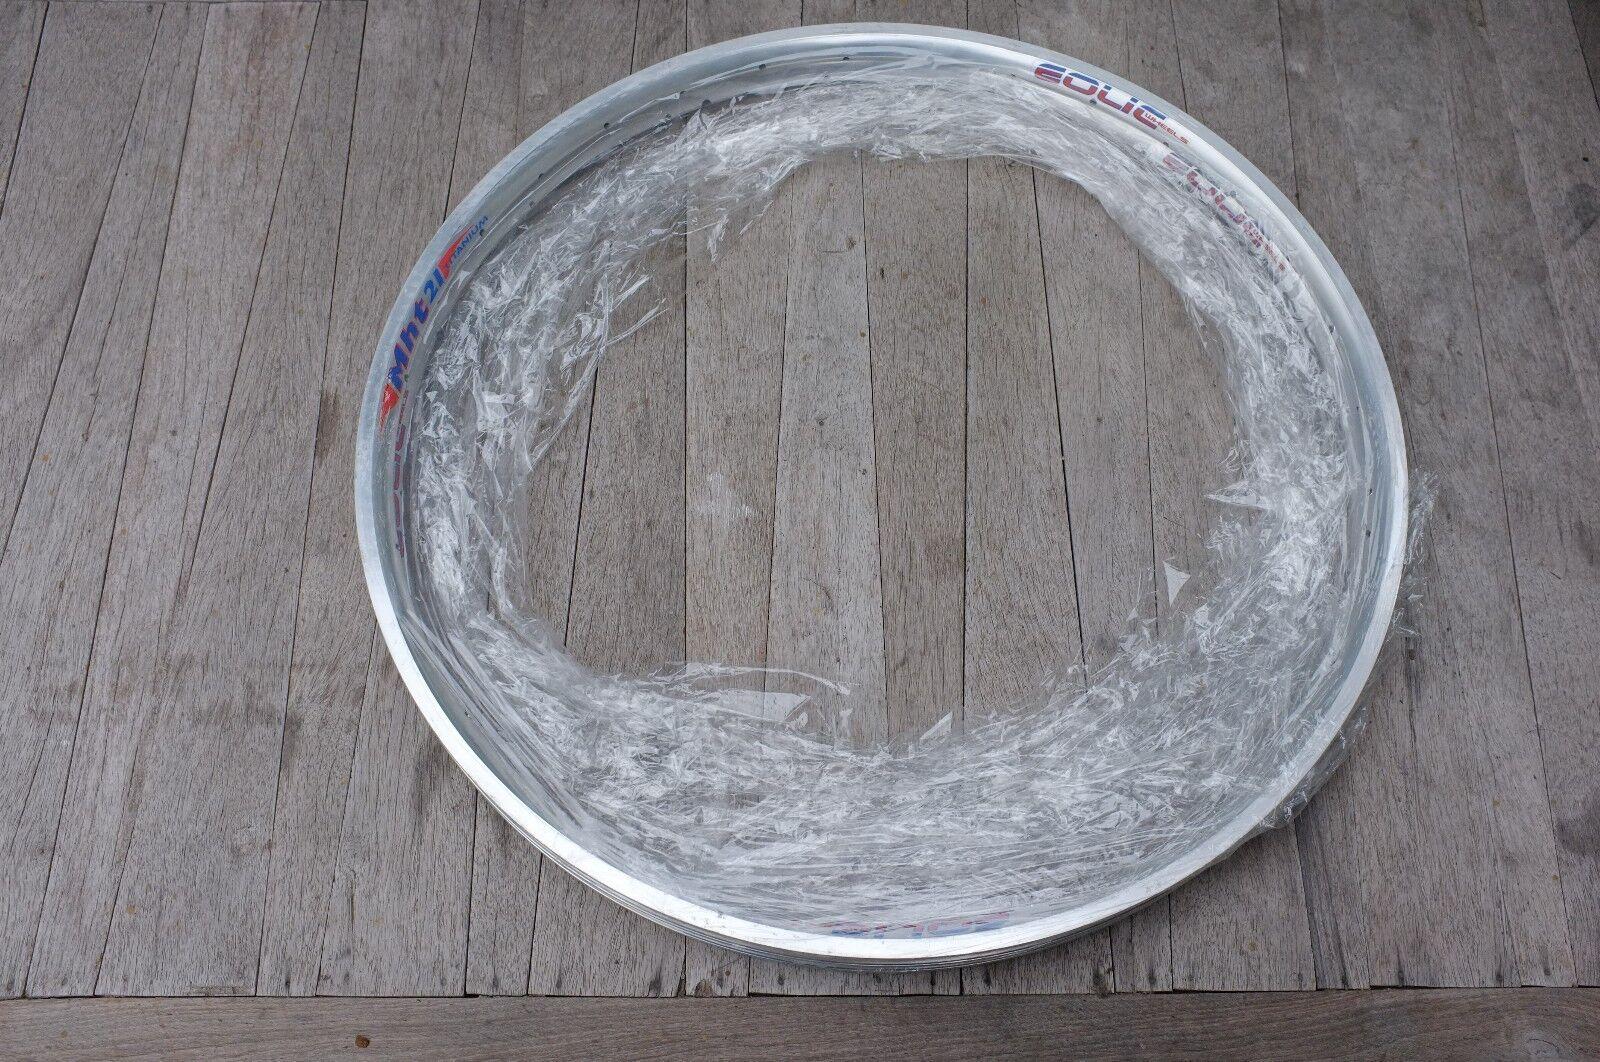 NOS Eolic MHT 21 titanium rims 32h, Clincher